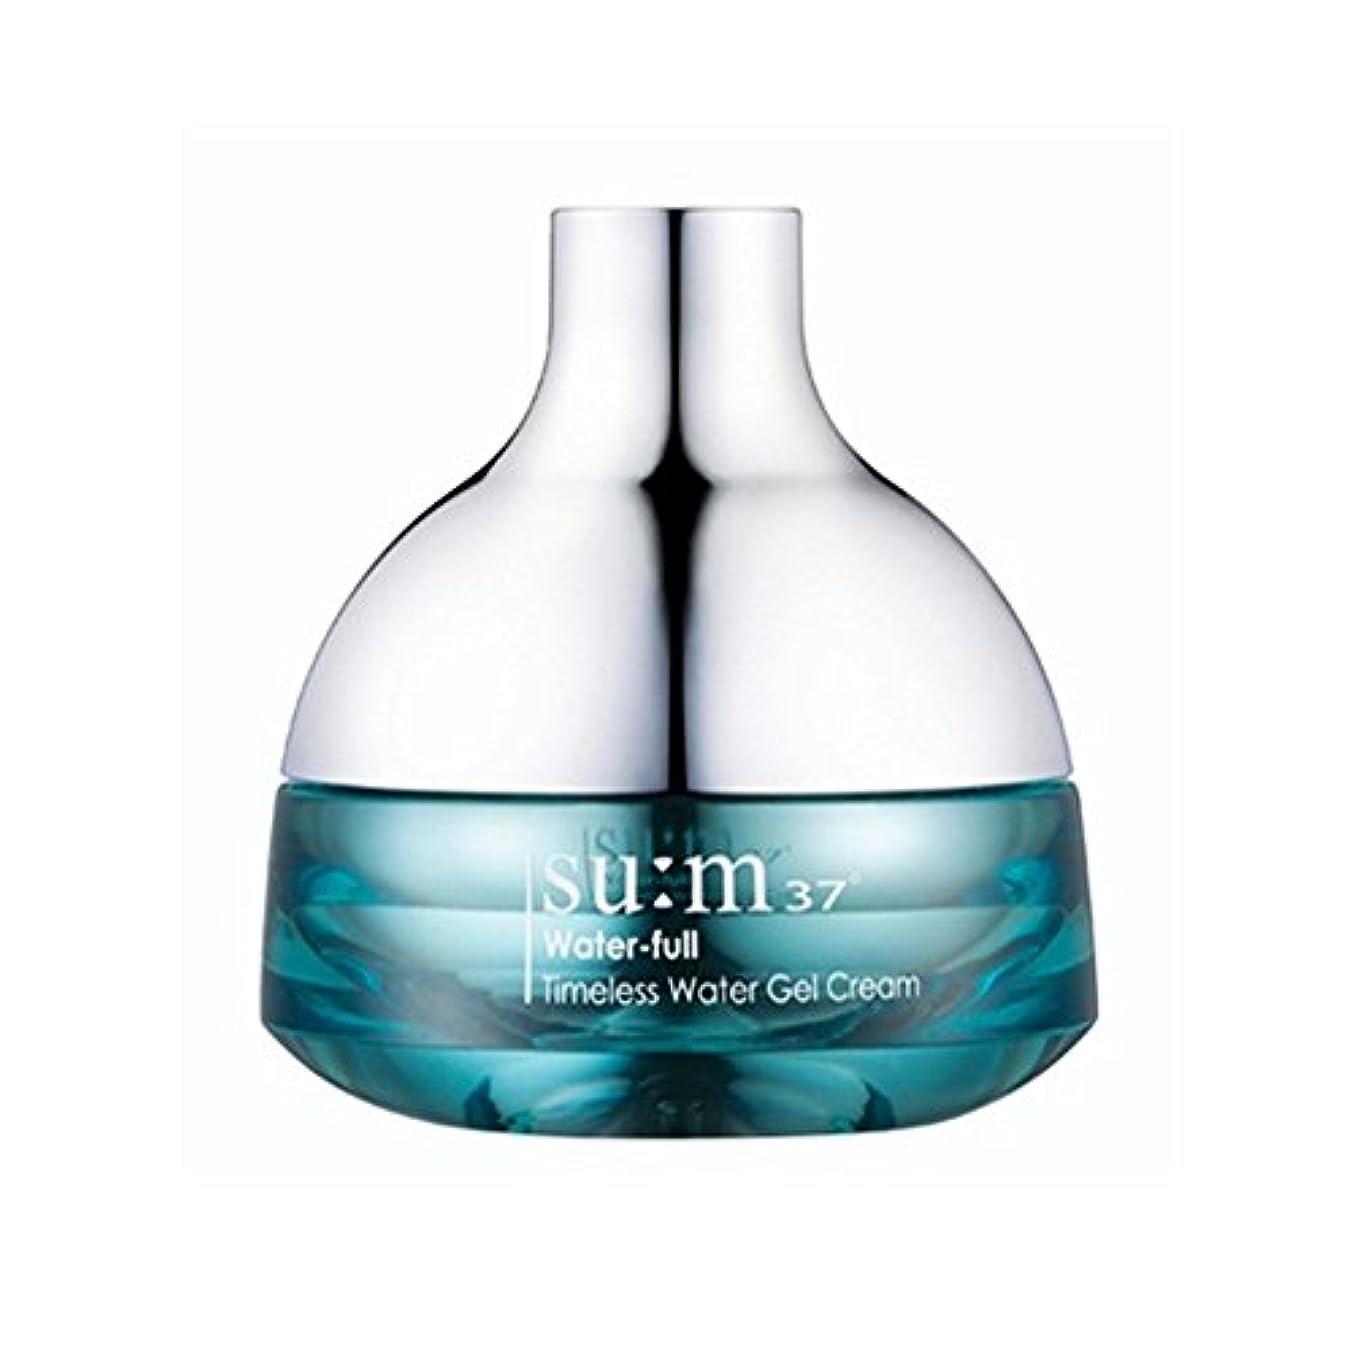 ドア普及世界的に[su:m37/スム37°] SUM37 Water-full Timeless Water Gel Cream 50ml/WF07 sum37 ウォータフル タイムレス ウォータージェルクリーム 50ml +[Sample...